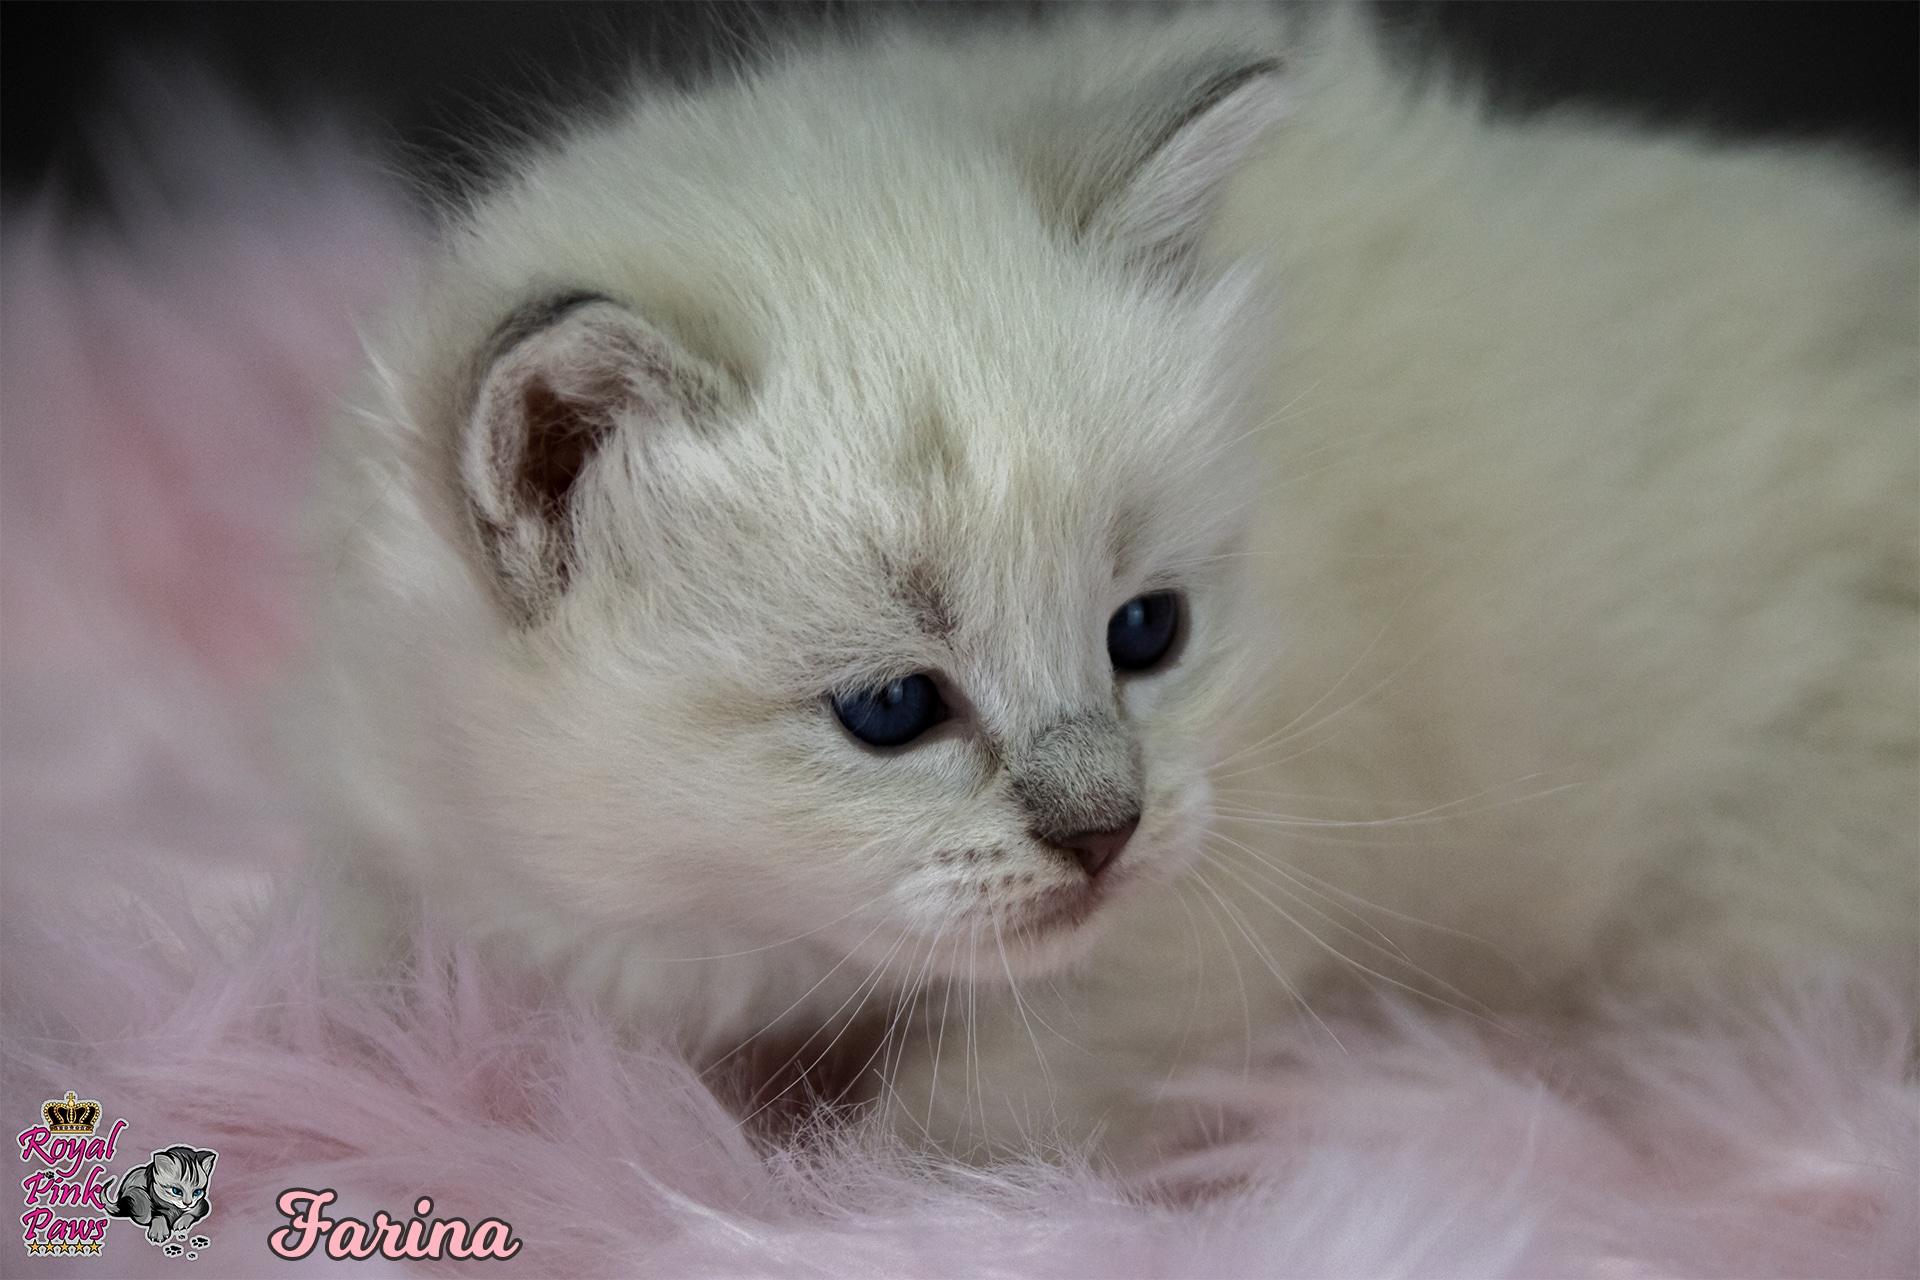 Neva Masquarade - Farina Royal Pink Paws